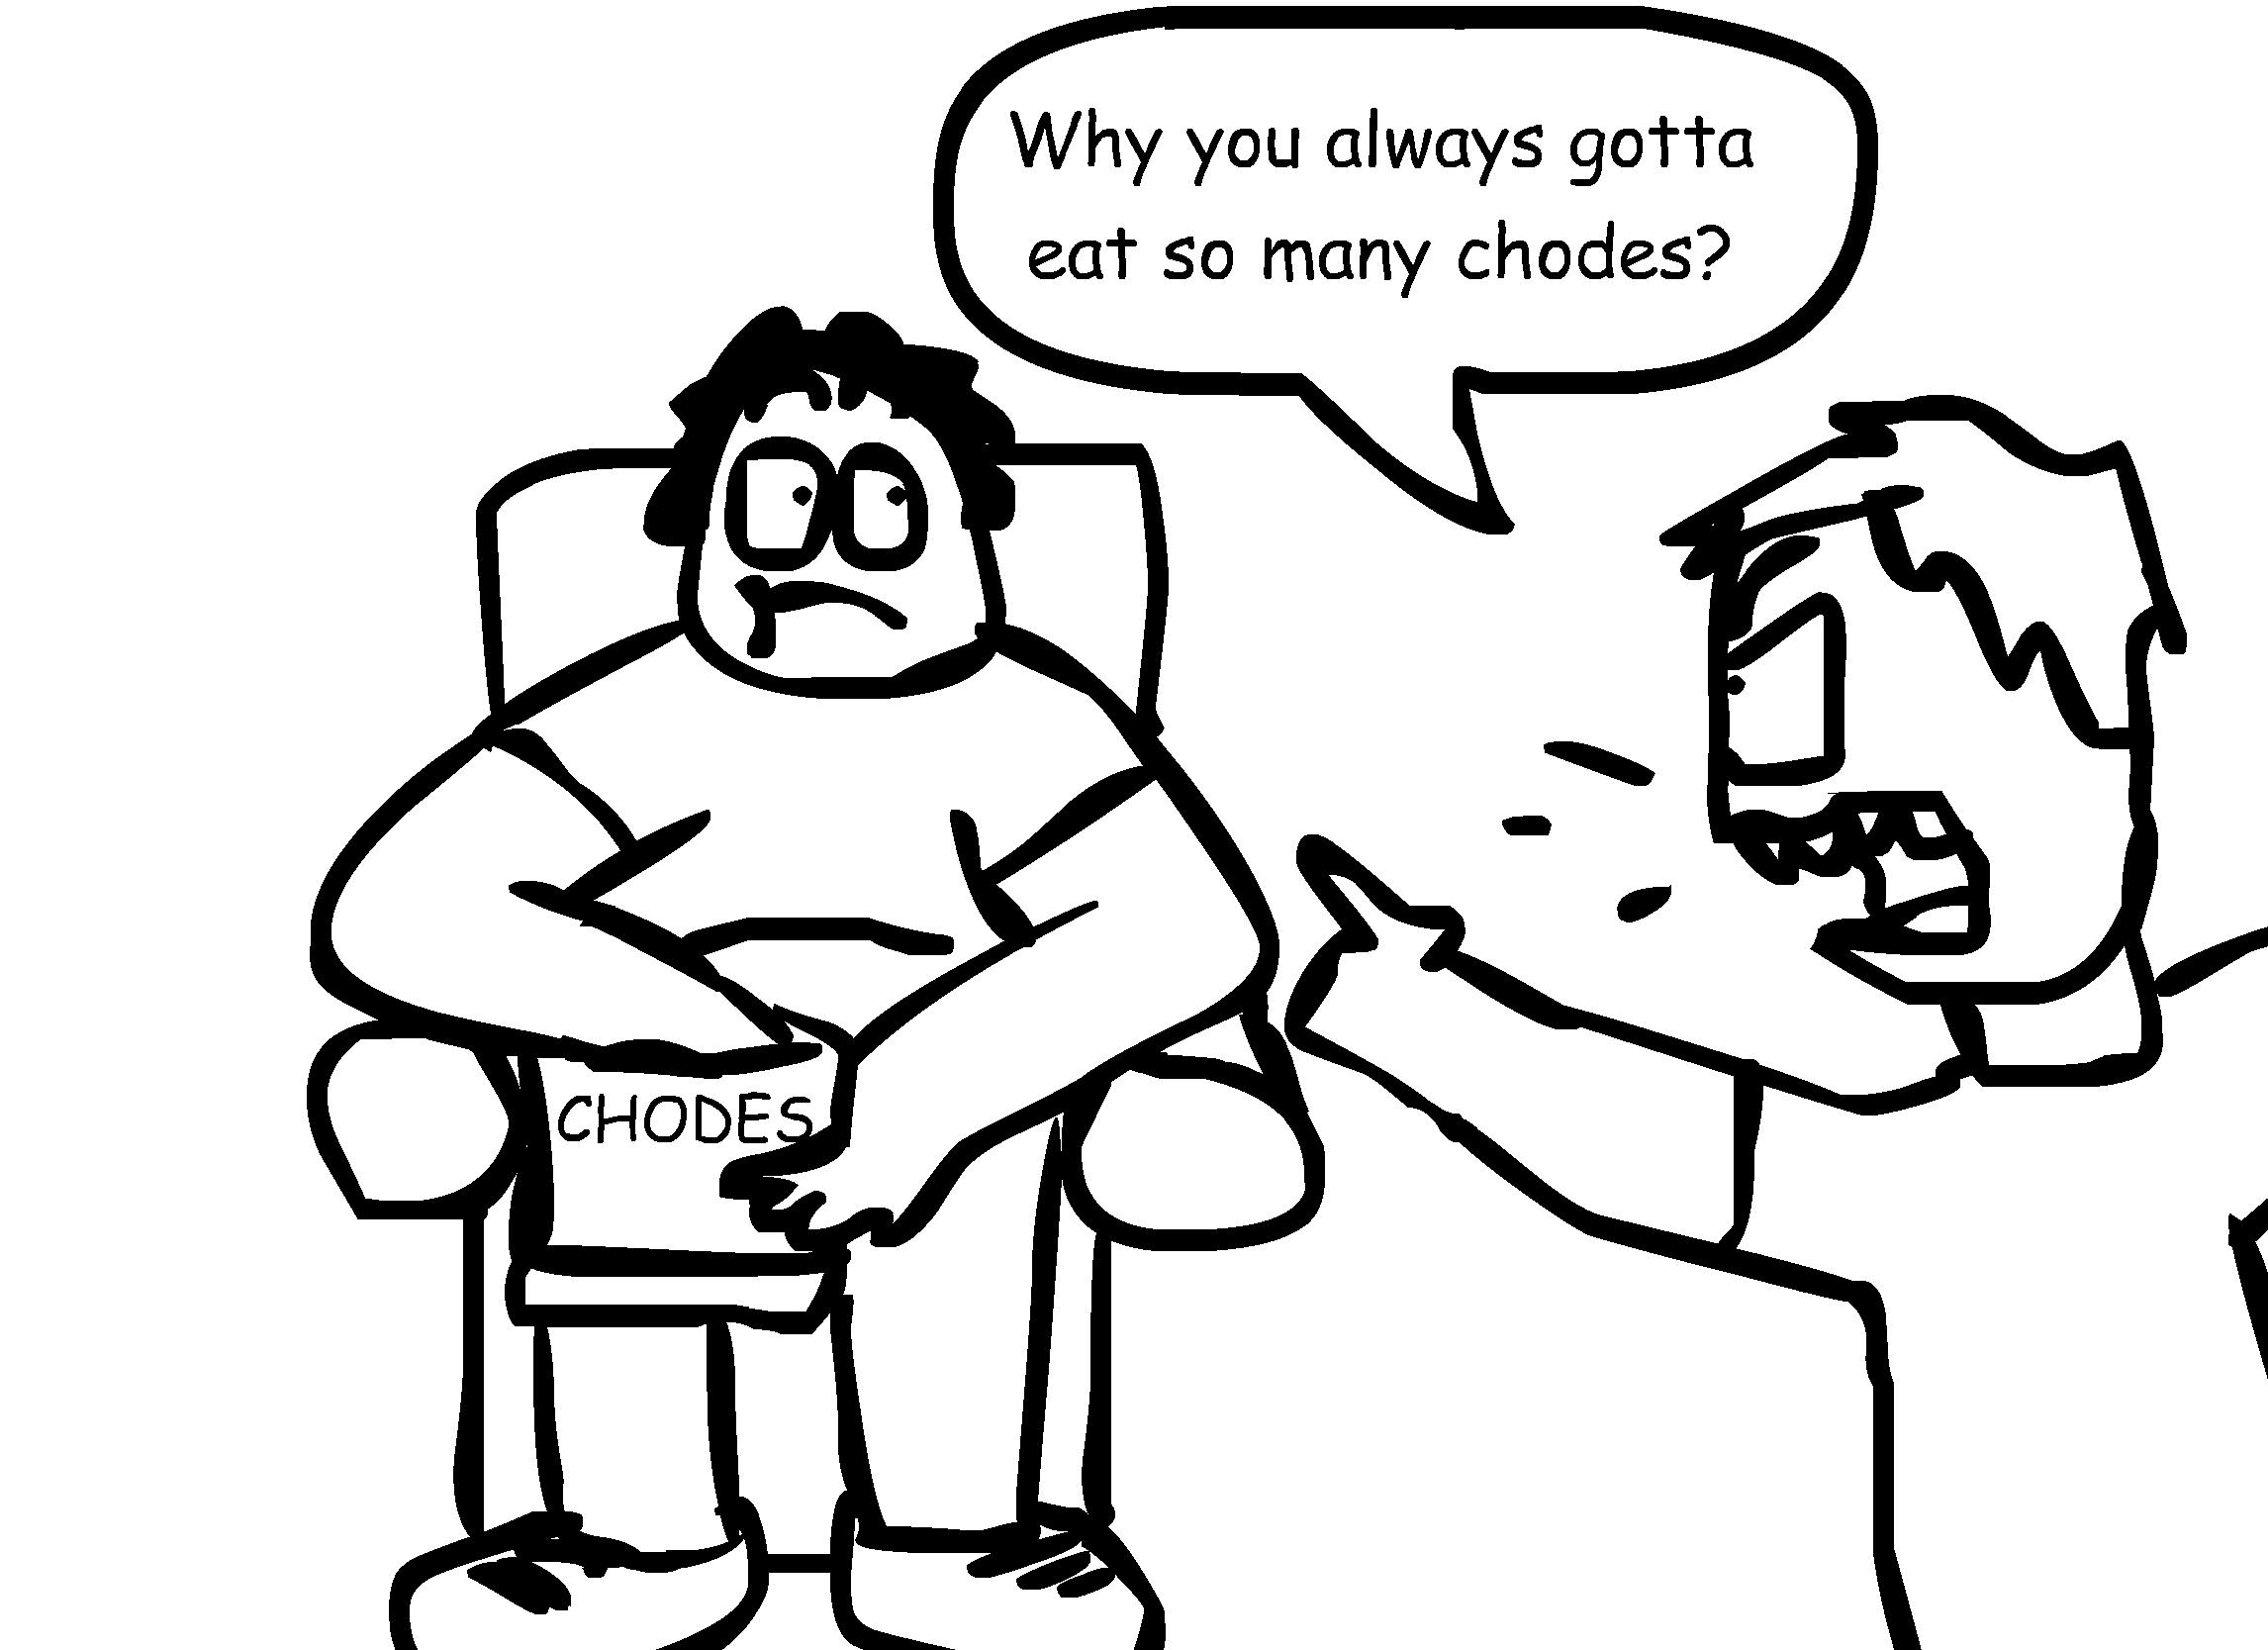 Chodes